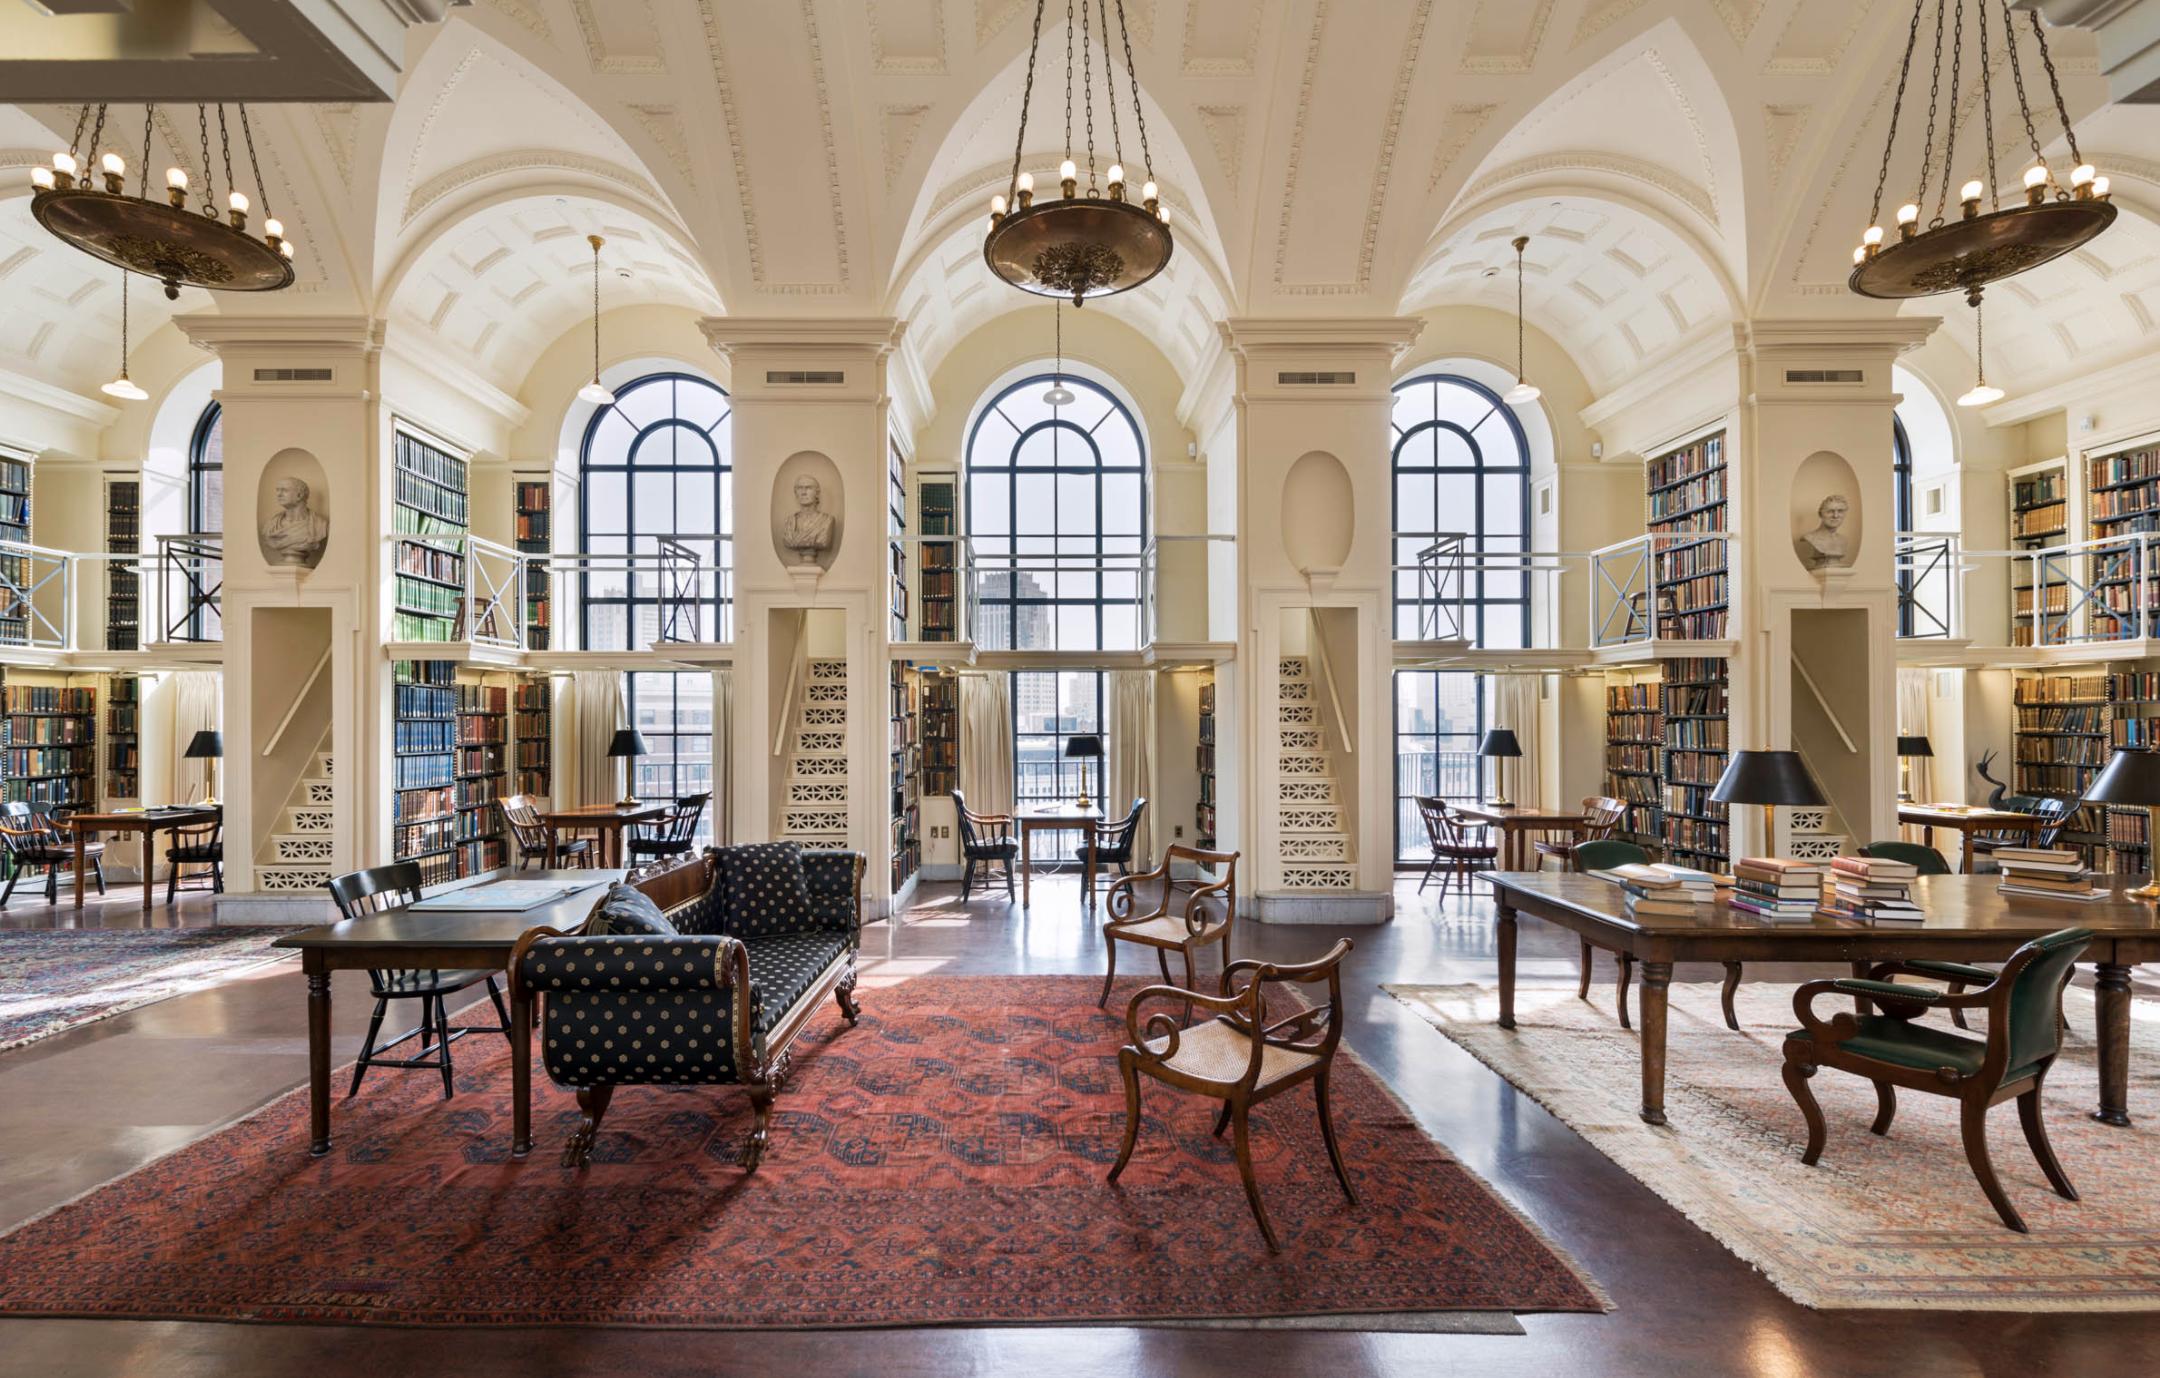 Virtual Tour of Boston's Athenaeum